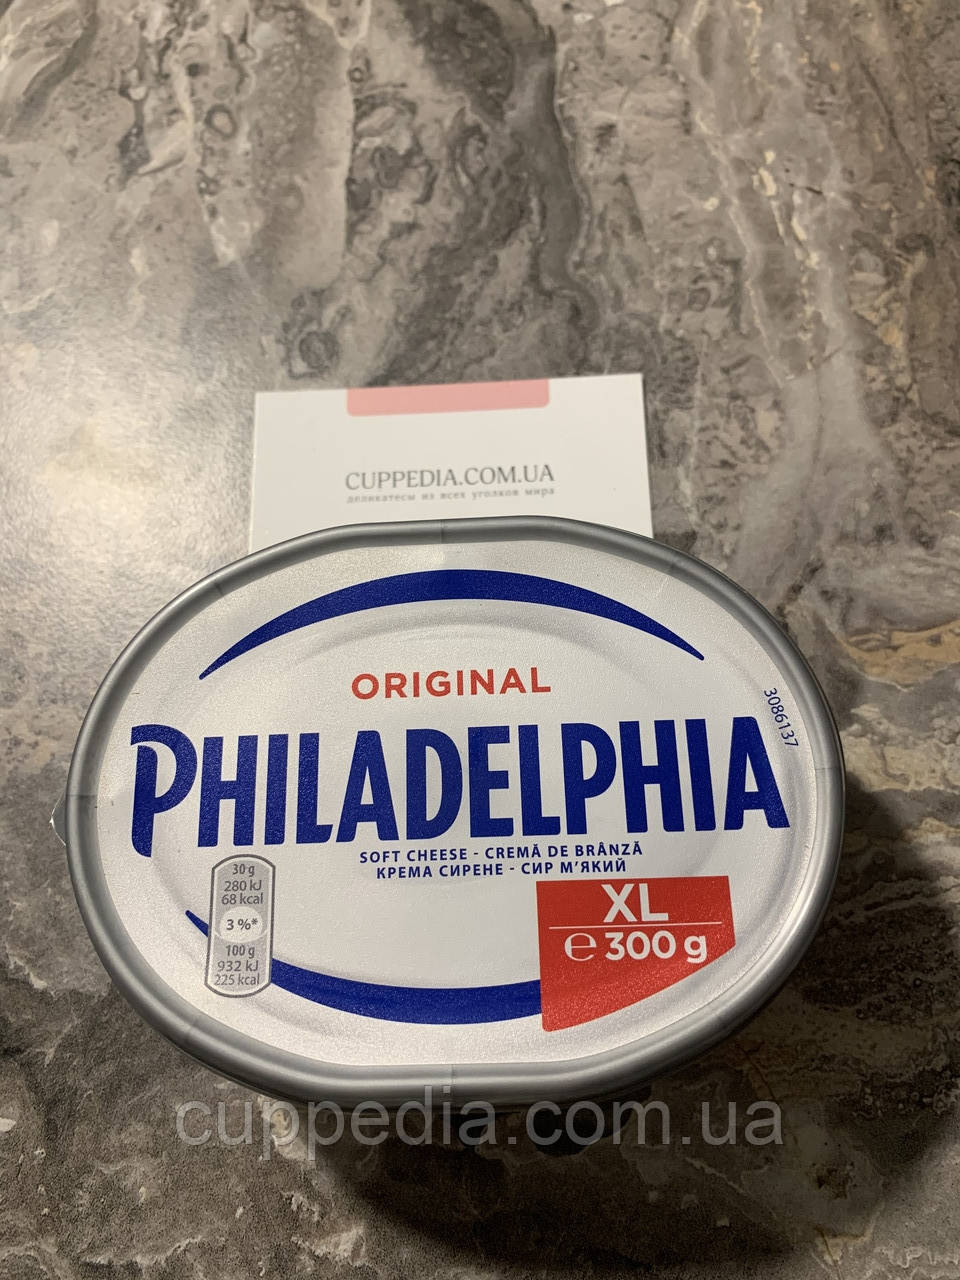 Крем-сир Philadelphia XXL 300 грм